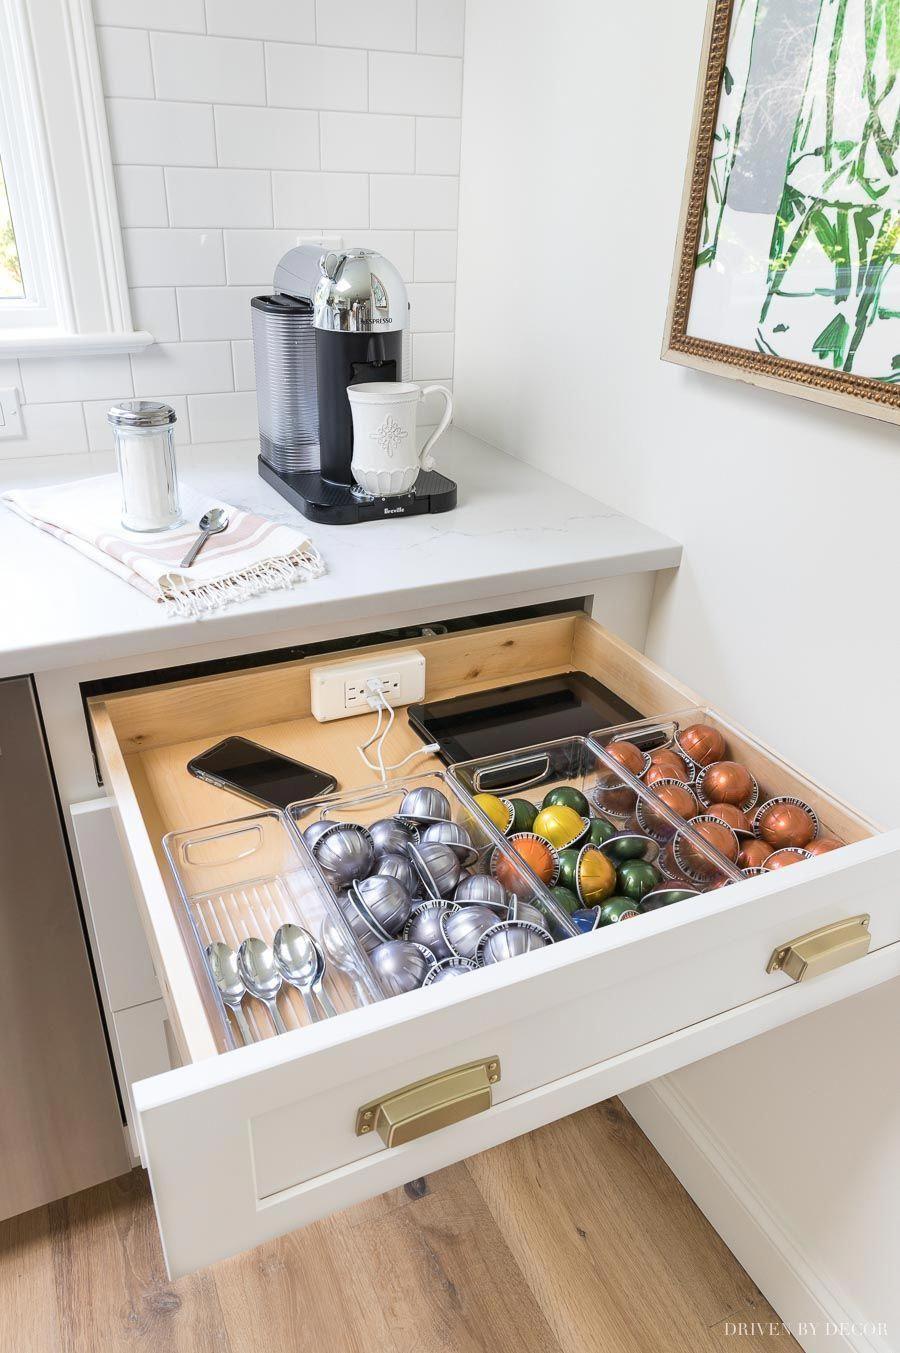 68 Modern Outdoor Kitchen Design Ideas Outdoor Kitchen Appliances Kitchen Cabinet Storage Kitchen Drawers